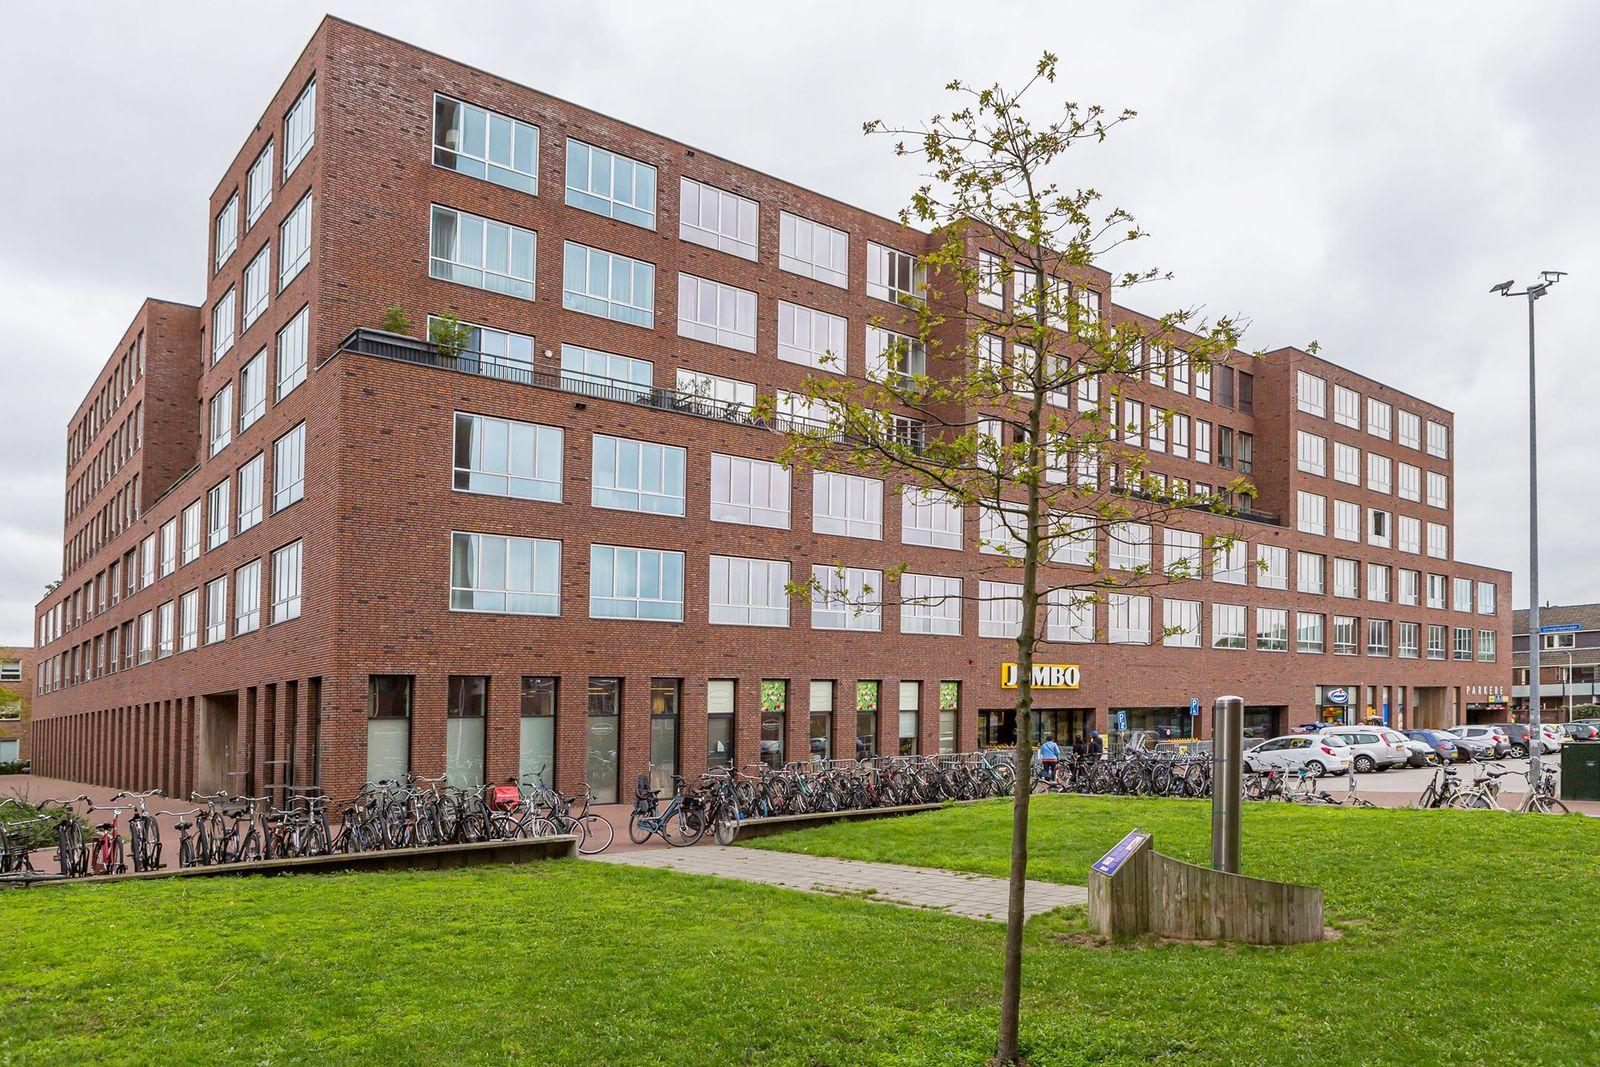 Fenikshof 20, Nijmegen